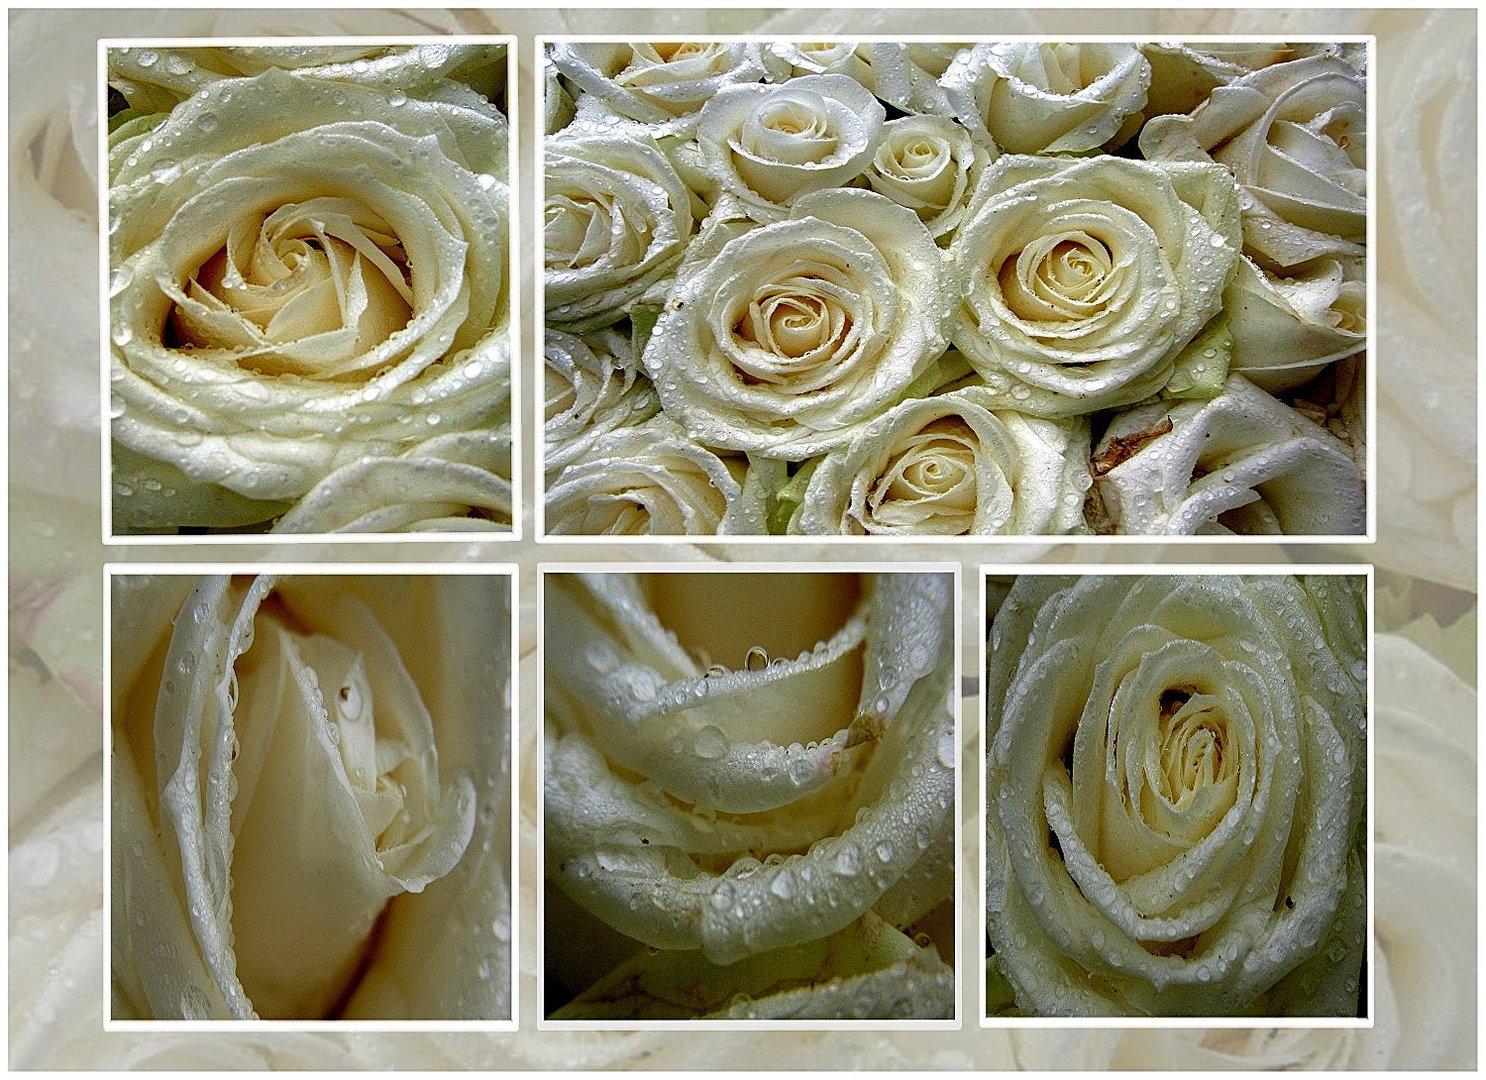 sad rose's